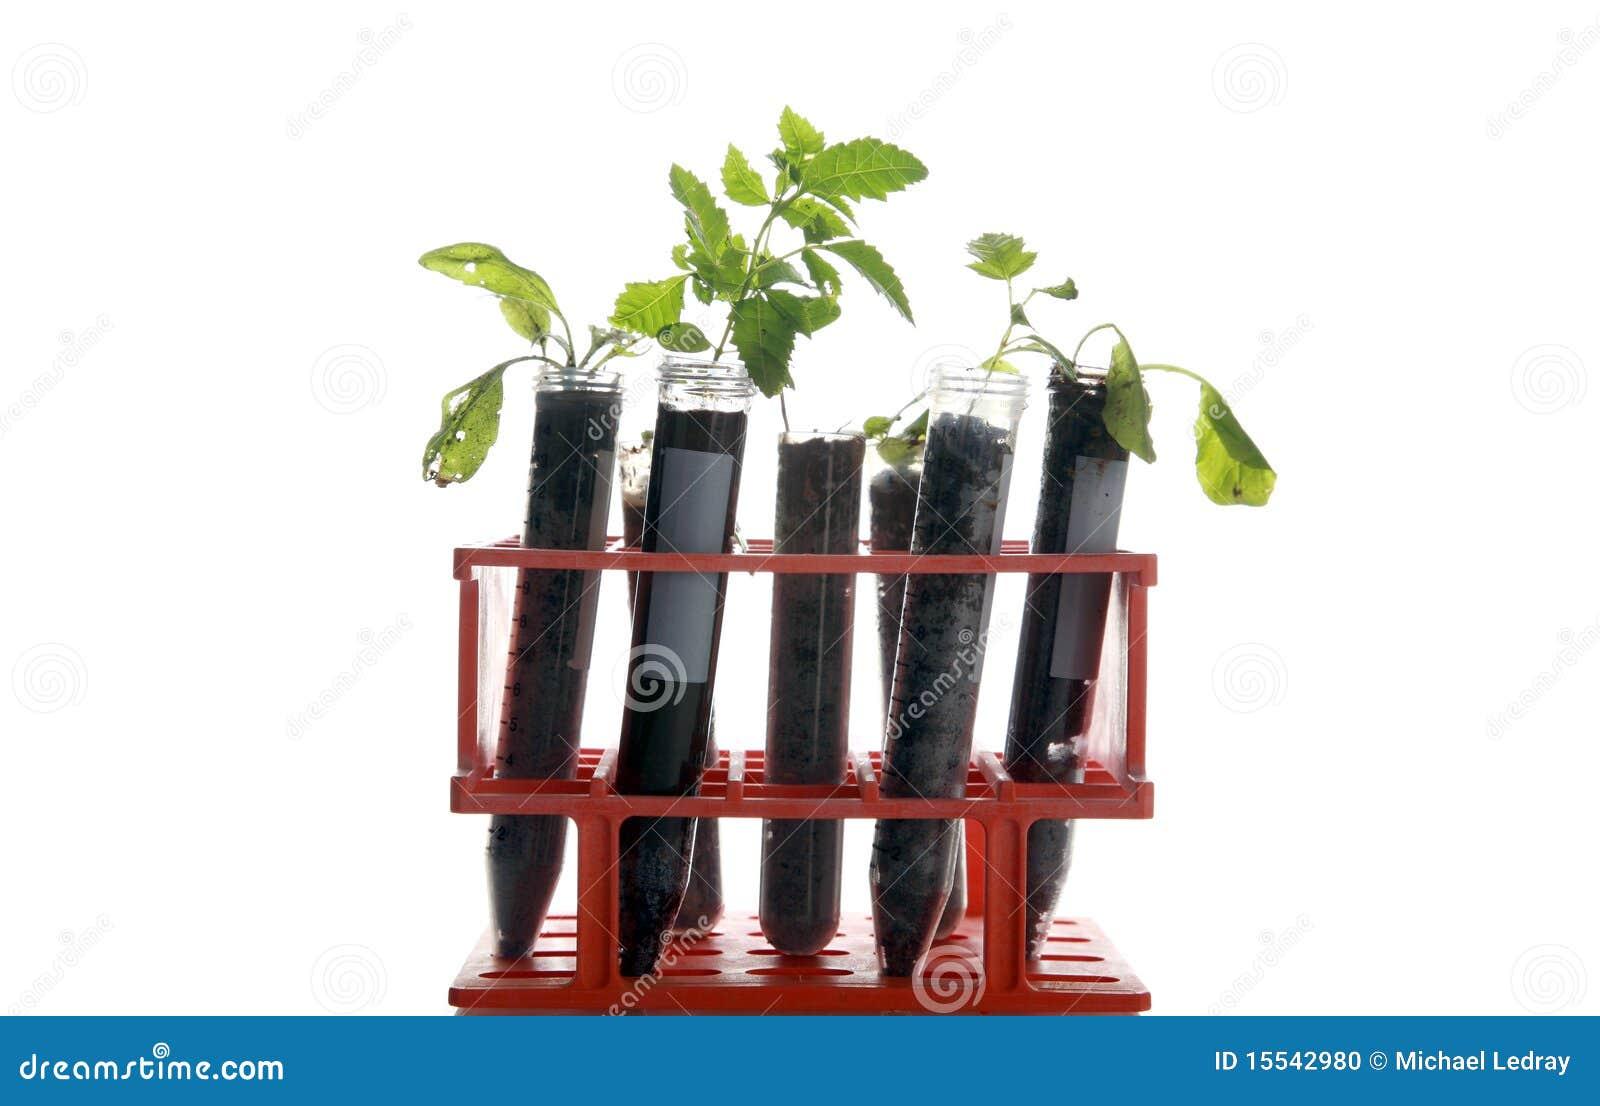 Botanisch onderzoek